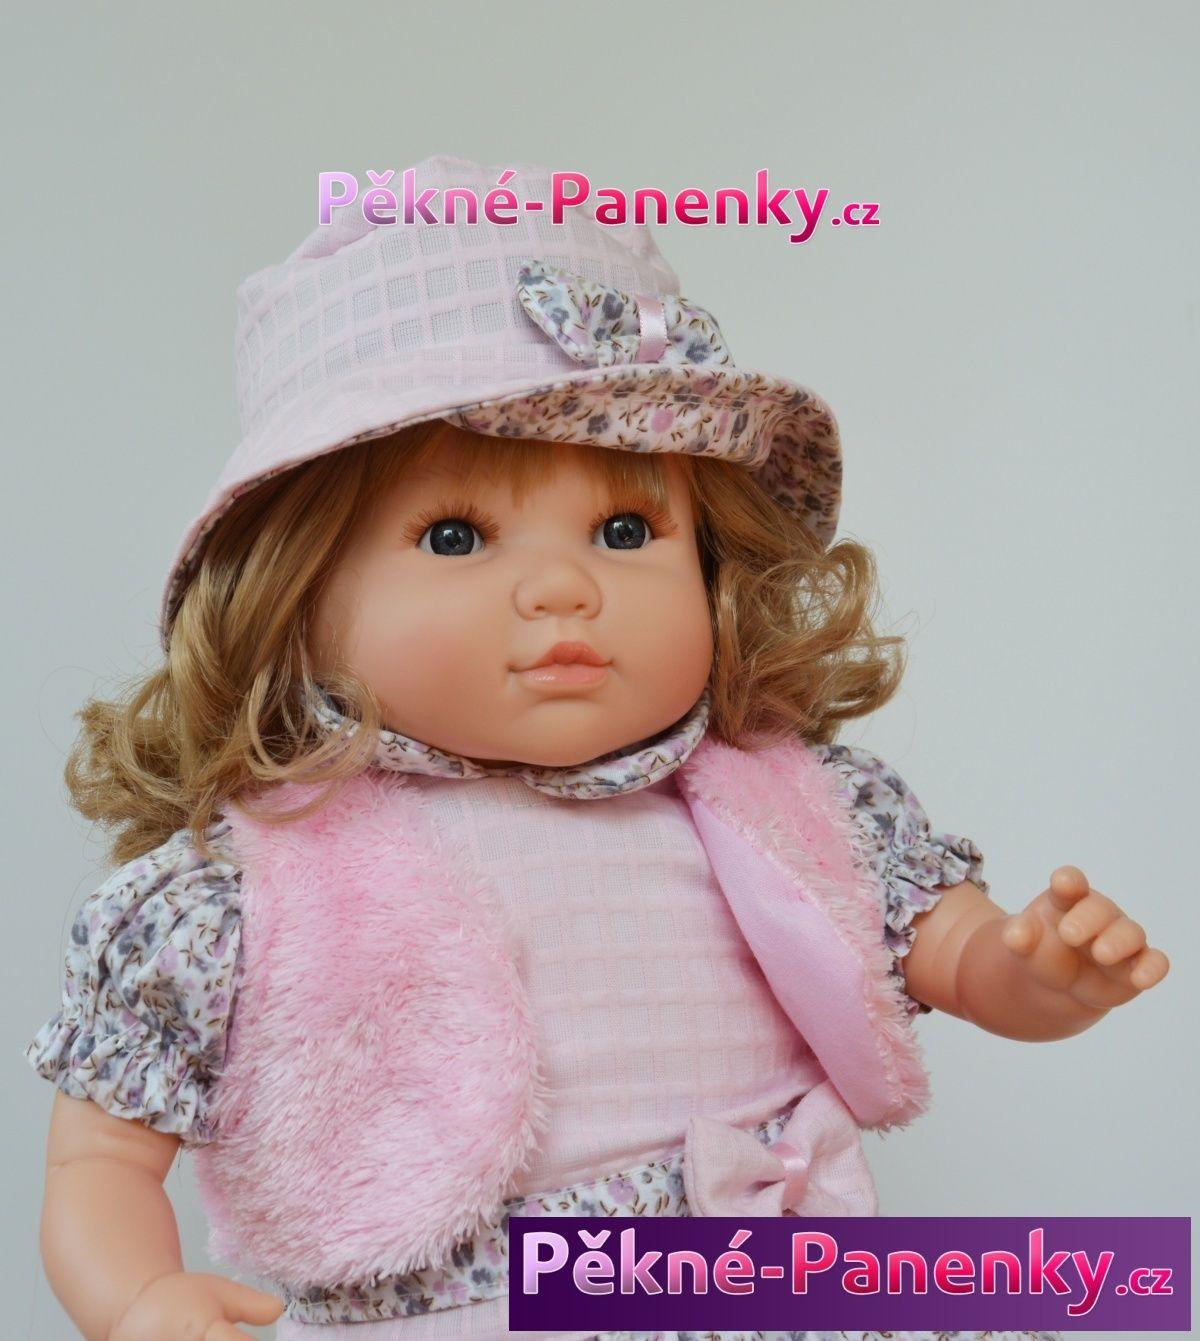 originalní španělské panenky pro děti realistické panenky, panenky jako živé, panenky s vlasy, česací panenka Berbesa mluvící panenky ze Španělska pro děti